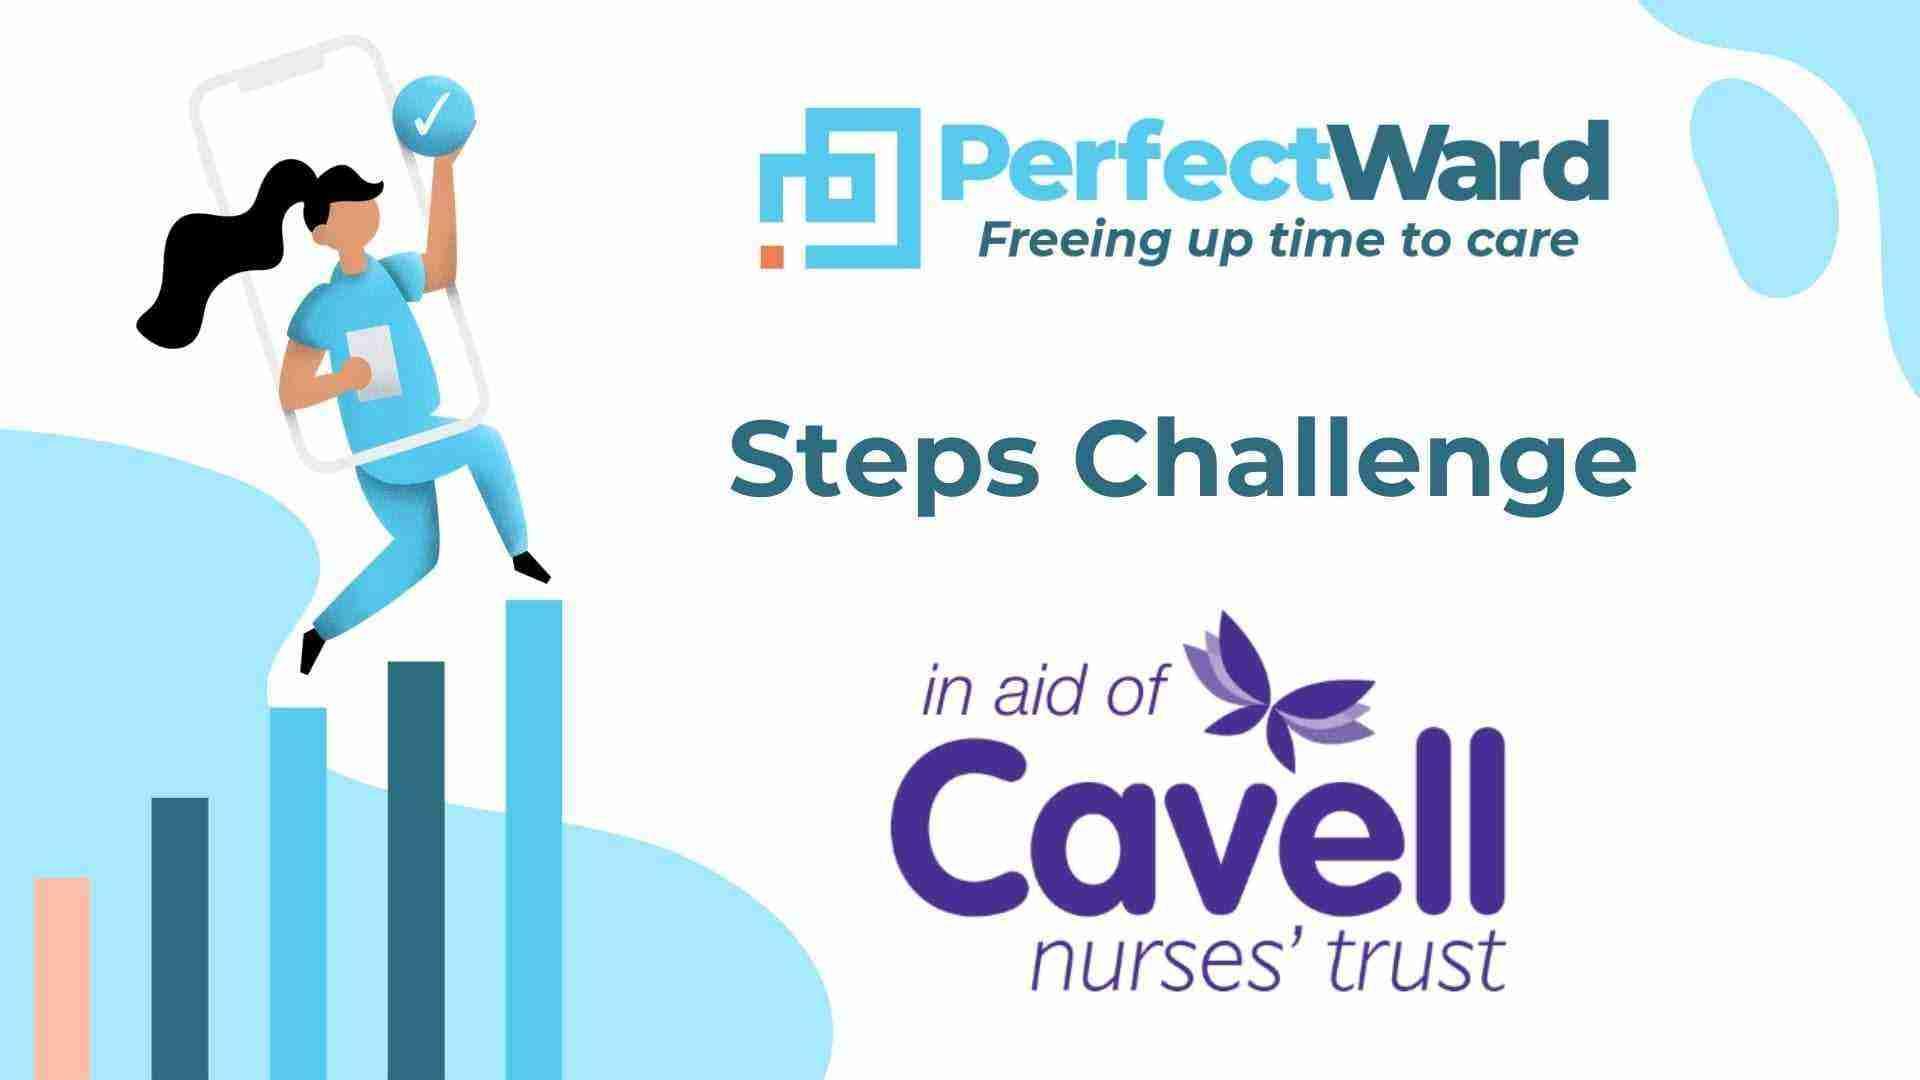 Cavell Nurses Trust